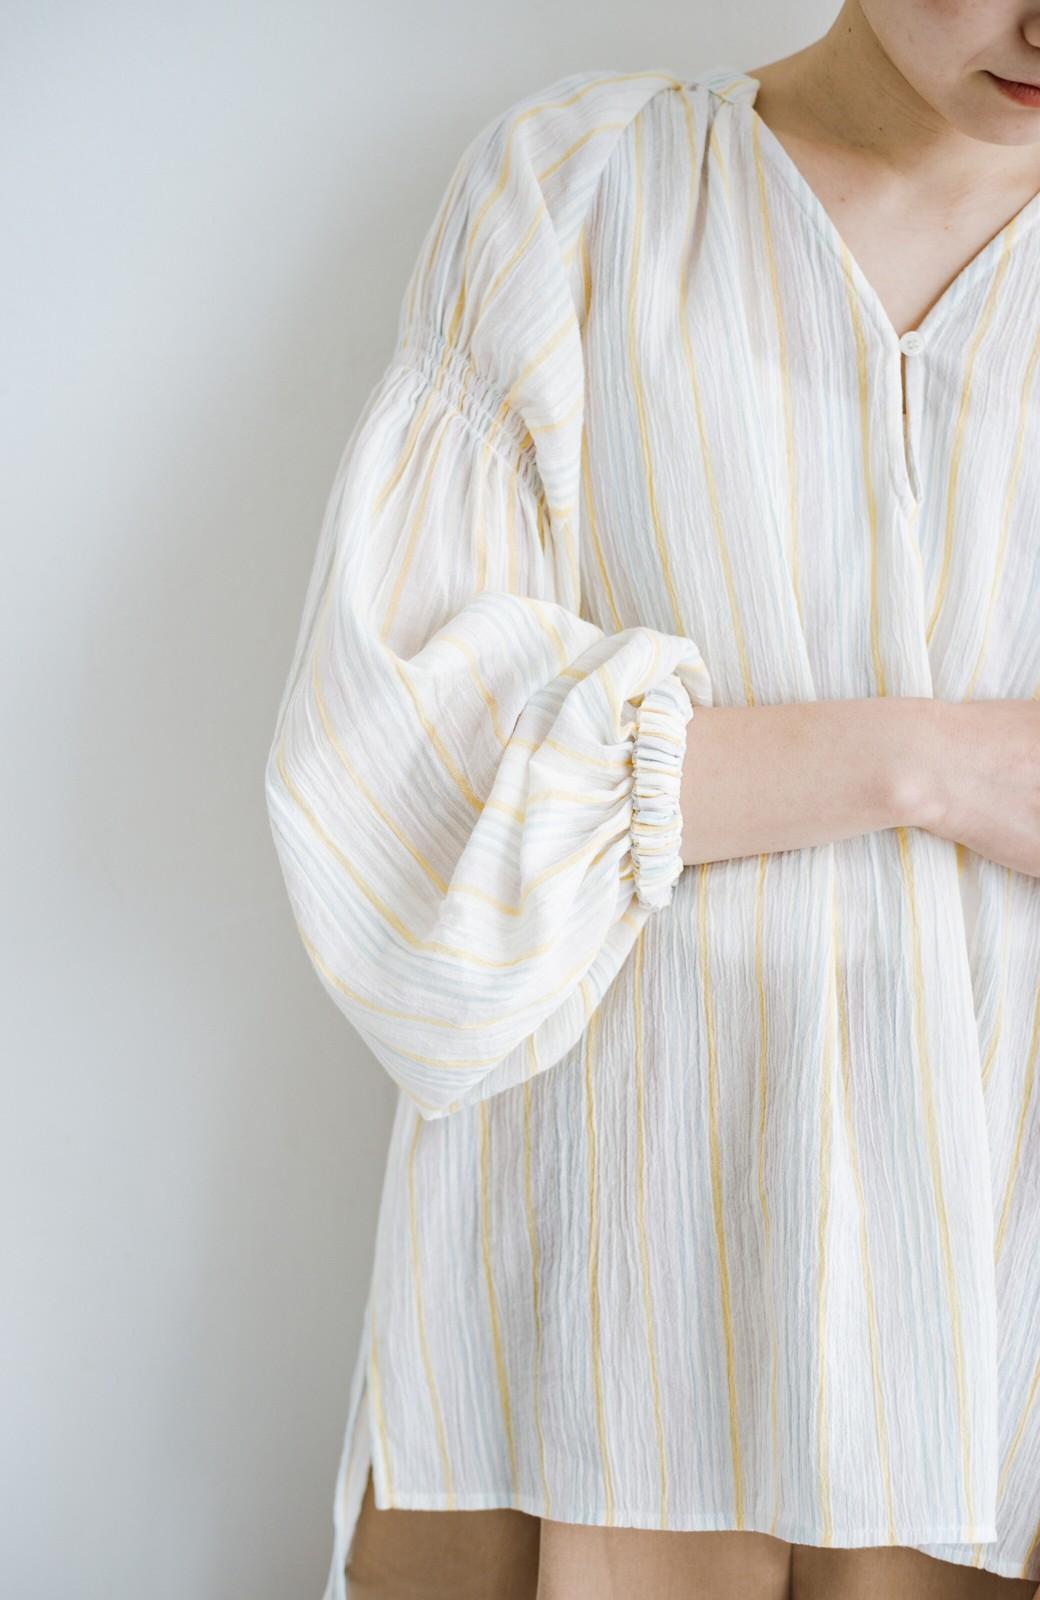 haco! 気になるところをかわいく隠してぱっと華やか やわらかな楊柳ストライプブラウス <ホワイト×イエロー>の商品写真4